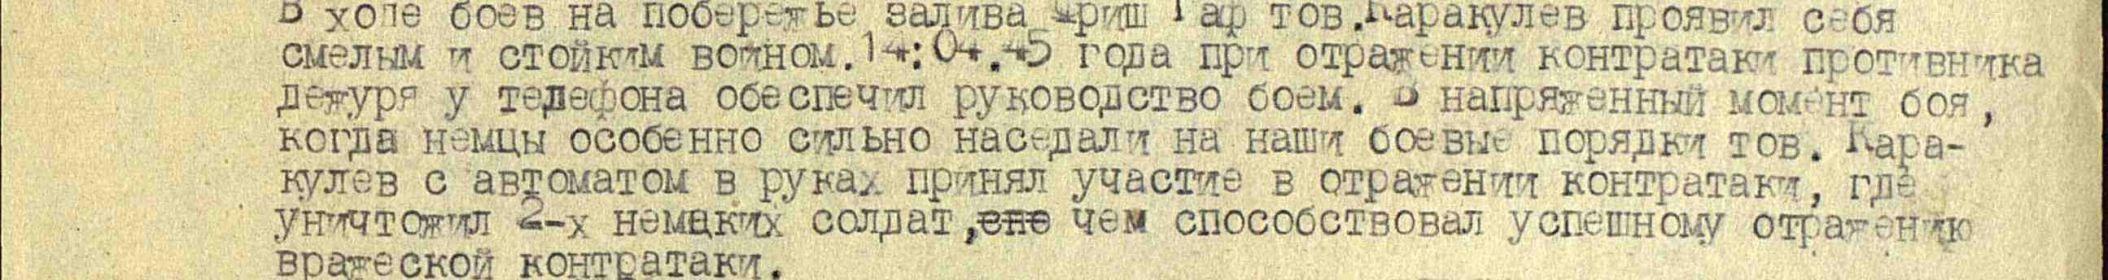 Документ о награждении